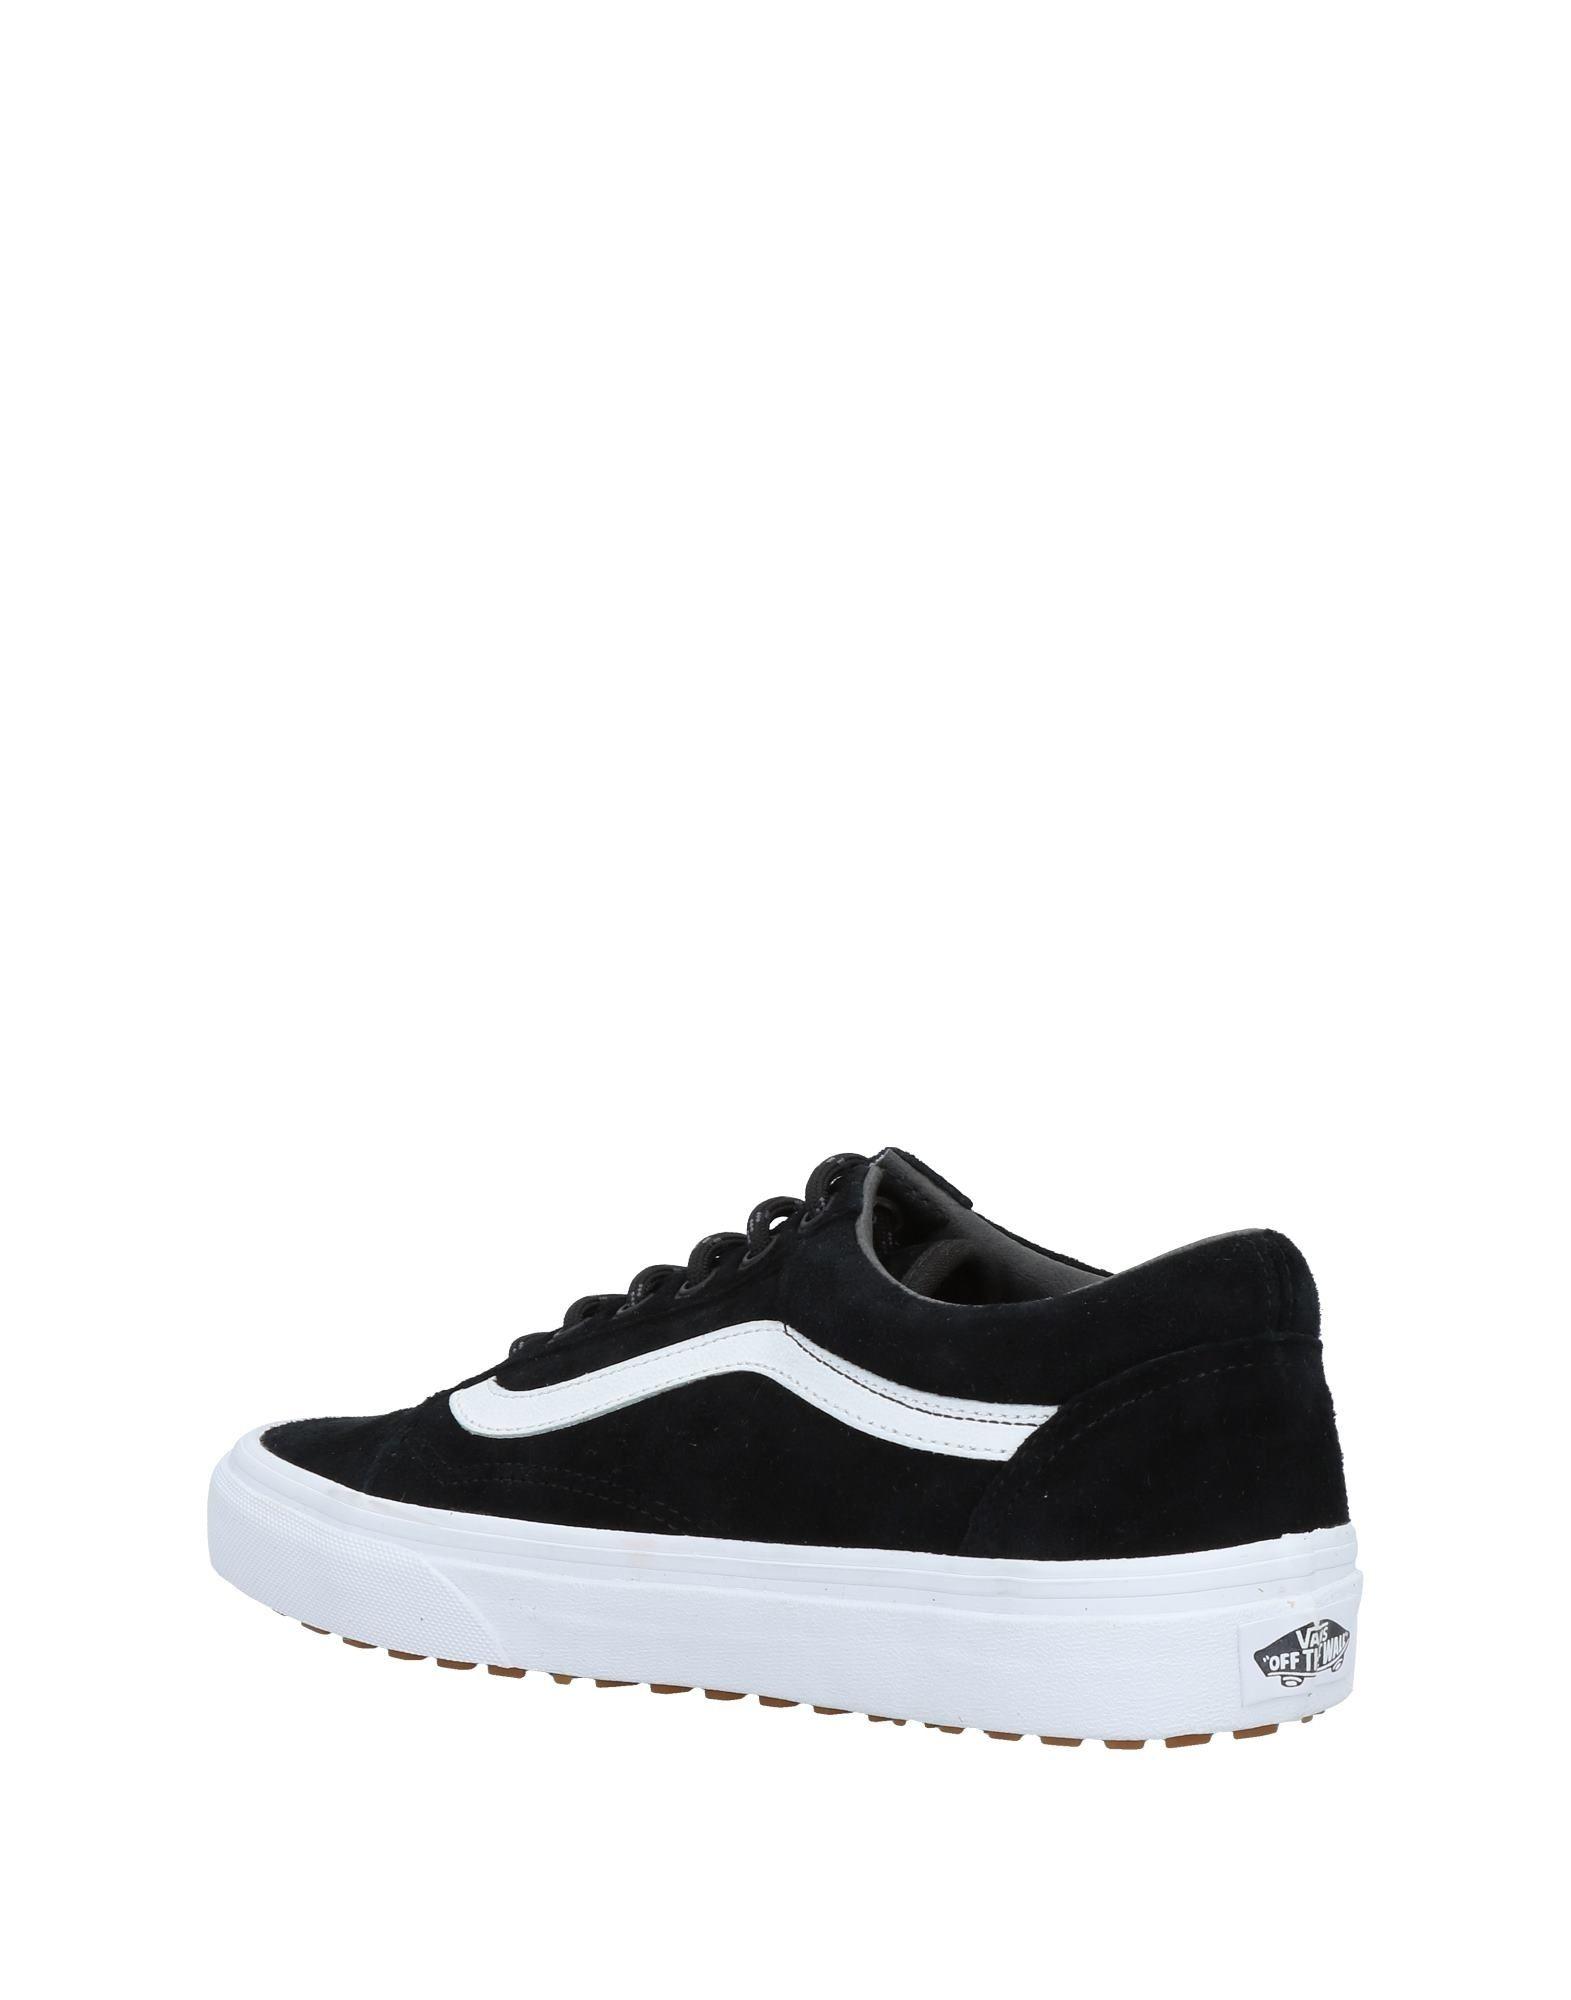 Billig-1949,Vans Sneakers Preis-Leistungs-Verhältnis, Damen Gutes Preis-Leistungs-Verhältnis, Sneakers es lohnt sich deb3ea